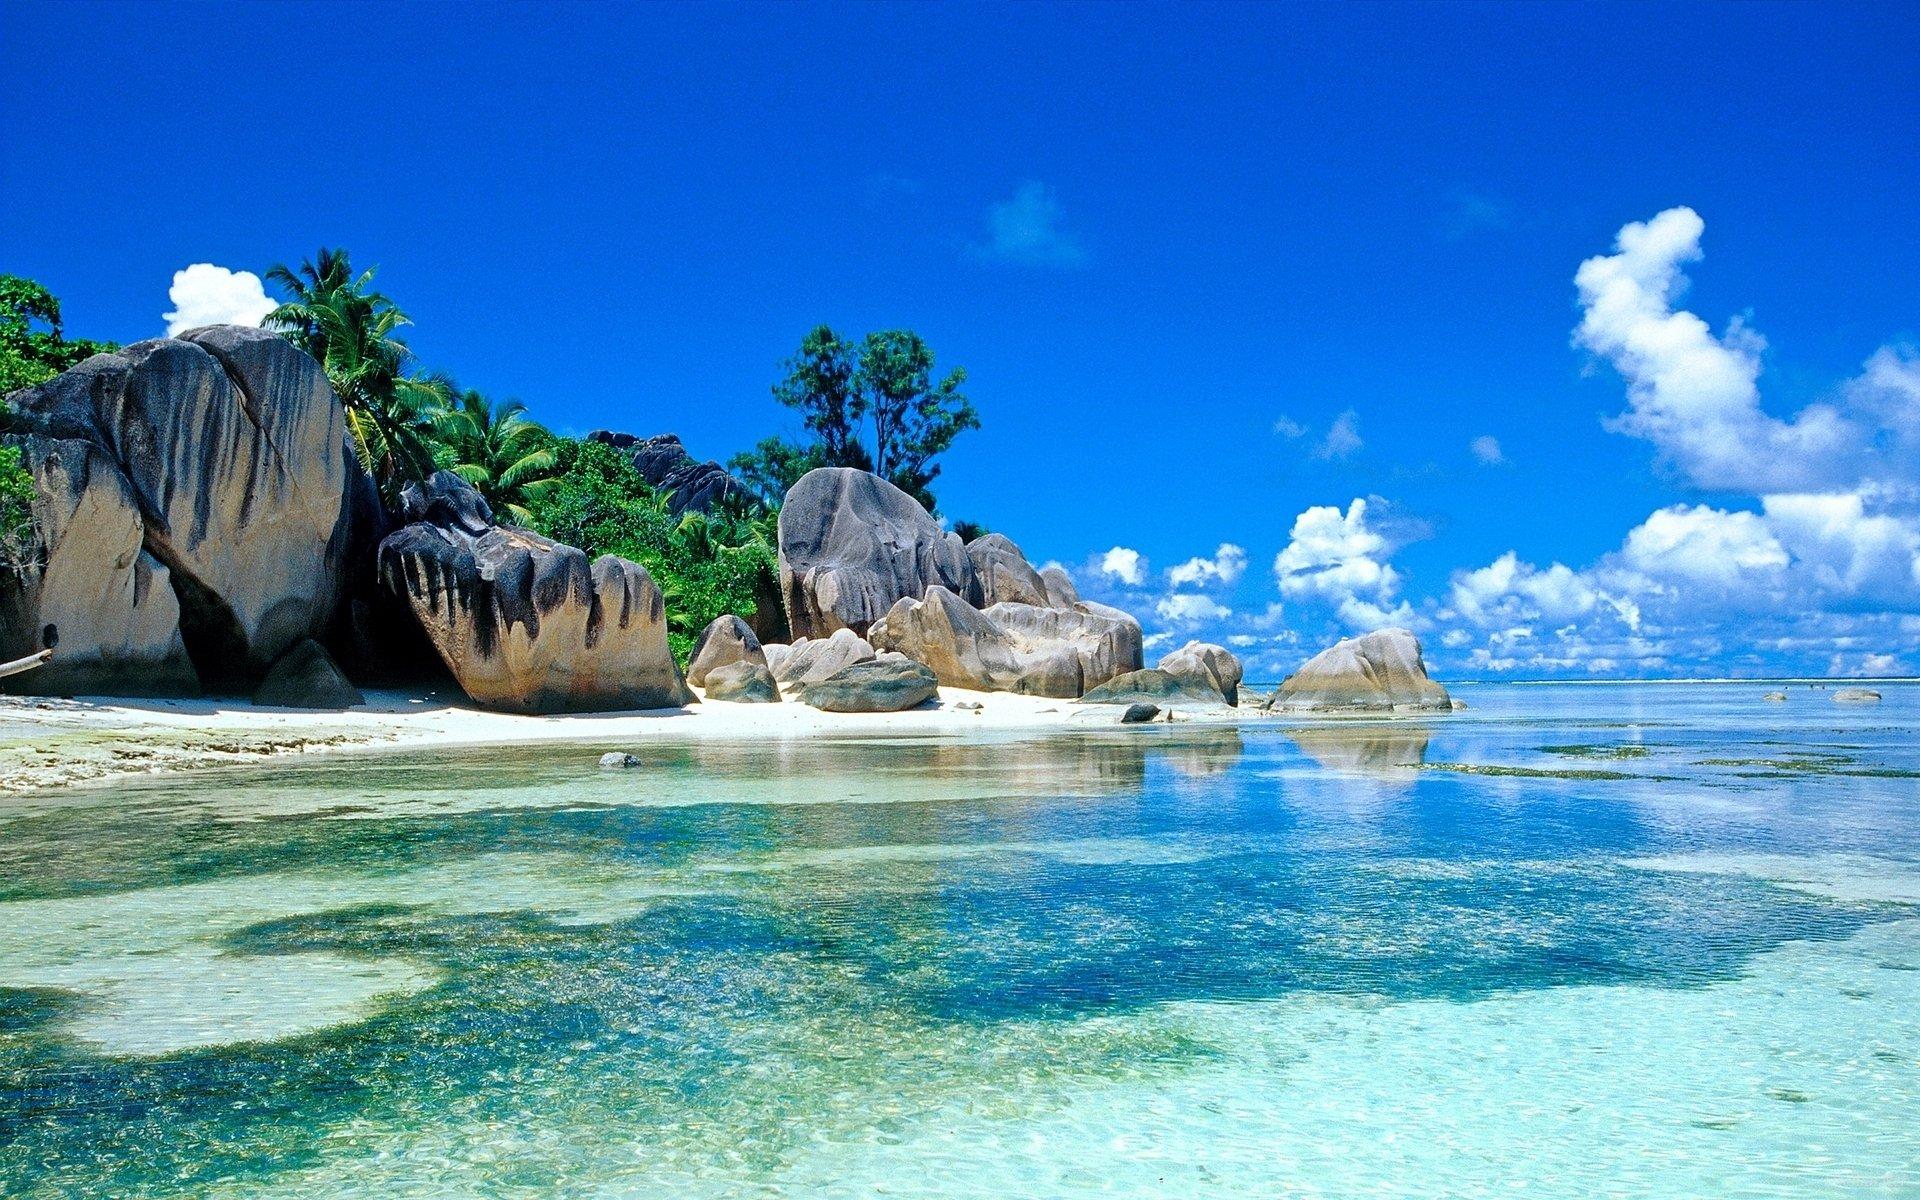 Шри-Ланка: лучшая страна для зимнего отдыха